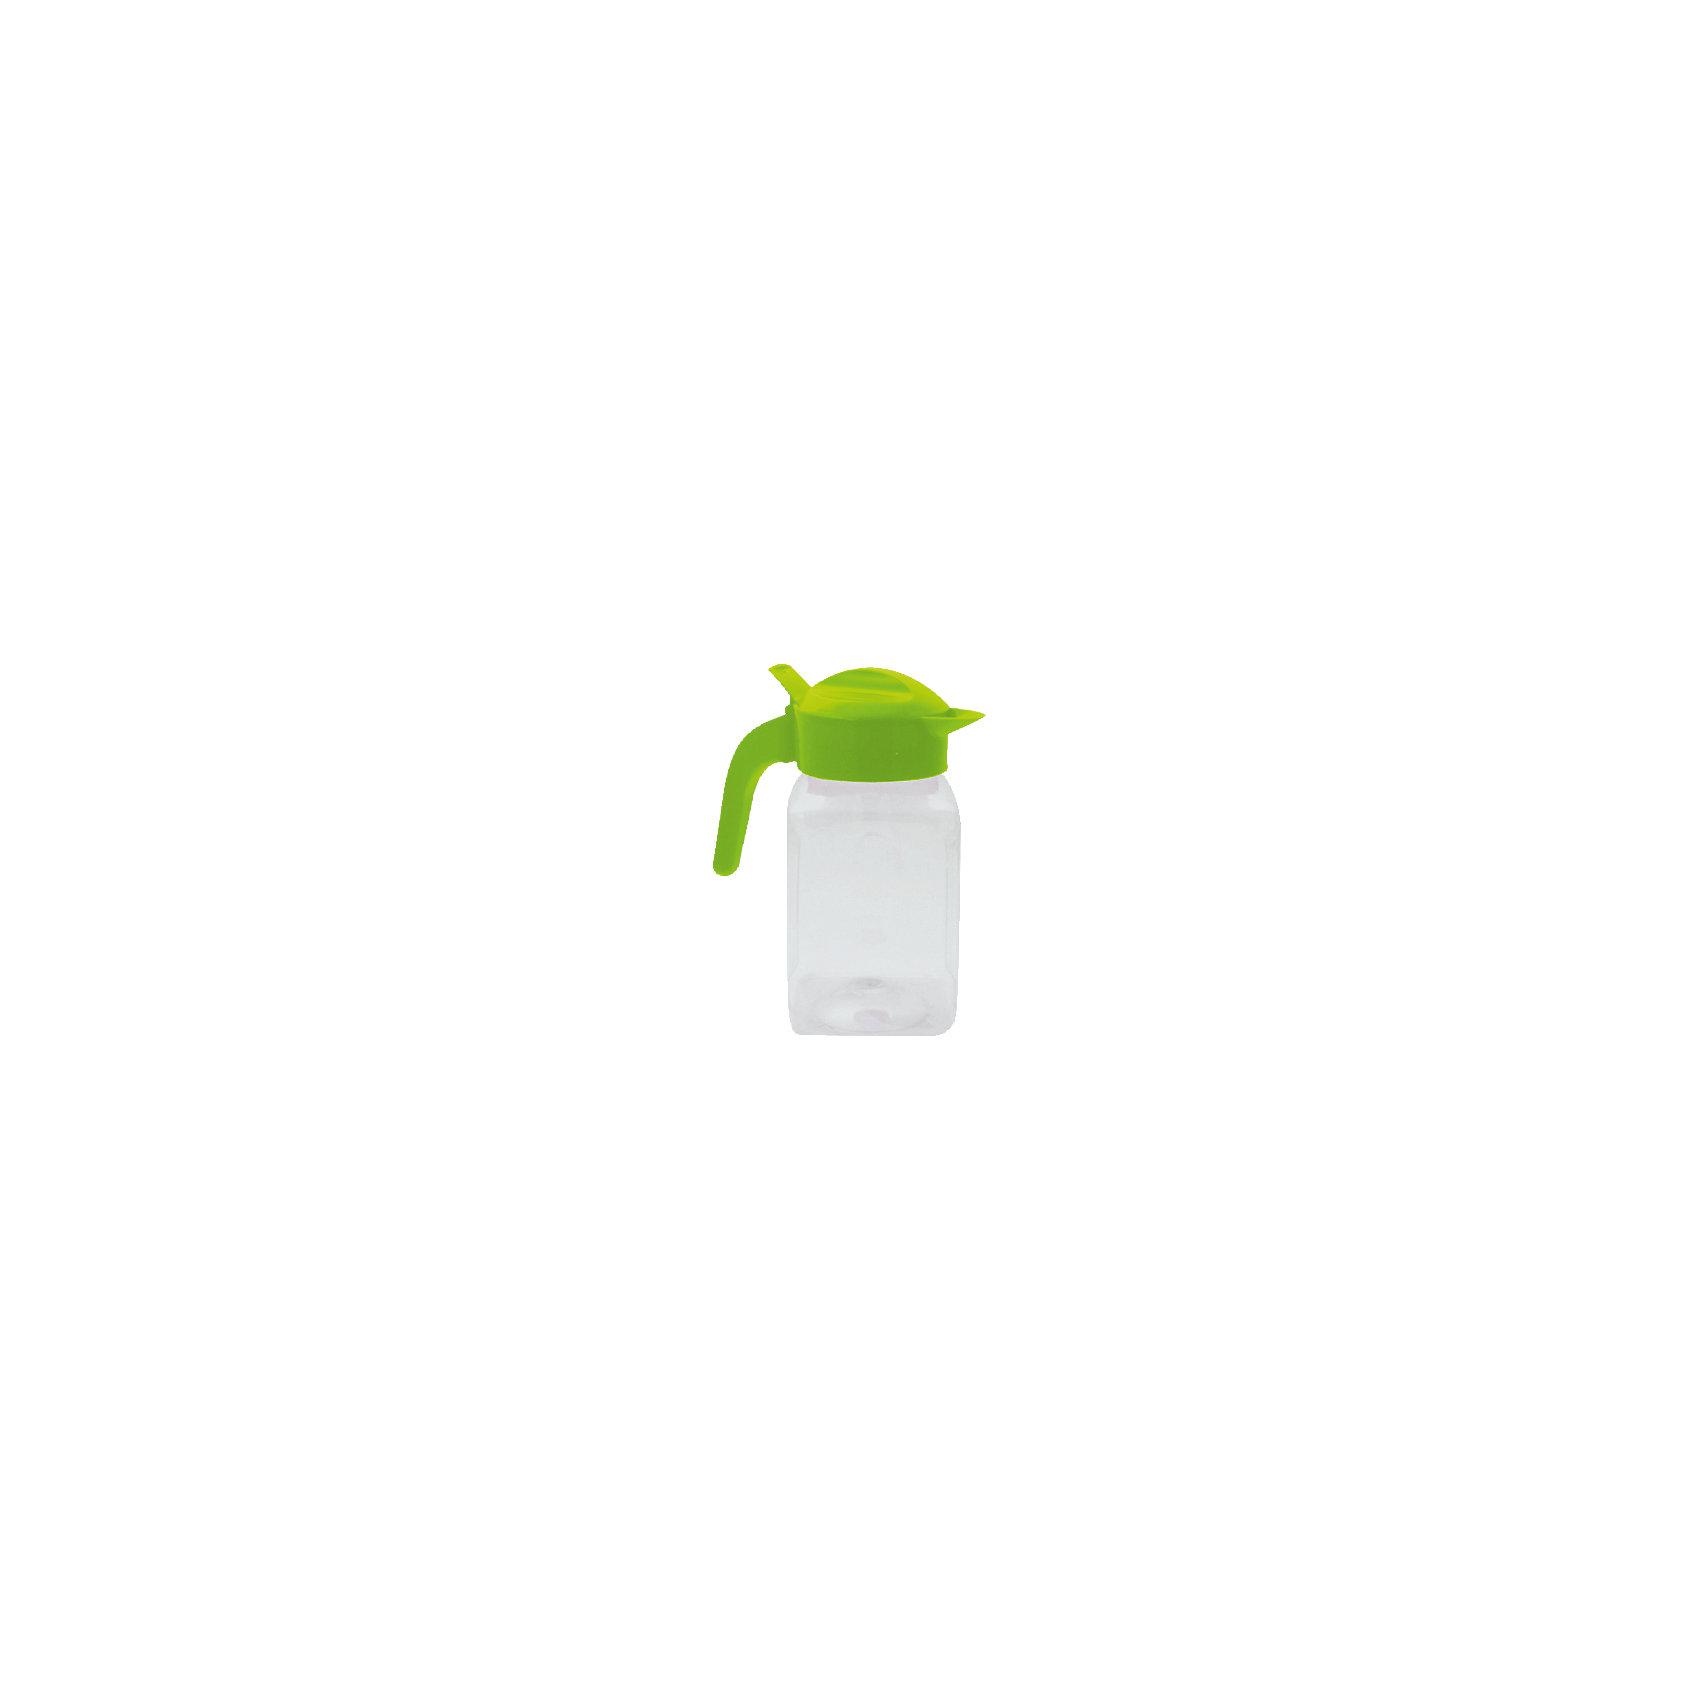 Кувшин Квадро 2 л ПЭТ, Plastic CentreПосуда<br>Кувшин Квадро 2 л ПЭТ, Plastic Centre<br><br>Характеристики:<br><br>• Материал: пластик<br>• Цвет: зеленый<br>• В комплекте: 1 штука<br>• Объем: 2 литра<br><br>Кувшин подойдет для хранения соков или воды. Крепкая и очень удобная ручка делает процесс наливания воды доступным даже для детей. Красивый дизайн кувшина, форма и его цвет позволят ему вписаться в любой интерьер. Сделан кувшин из прочного пластика, которые не выделяет вредных веществ и не отражается на вкусе воды.<br><br>Кувшин Квадро 2 л ПЭТ, Plastic Centre можно купить в нашем интернет-магазине.<br><br>Ширина мм: 200<br>Глубина мм: 120<br>Высота мм: 230<br>Вес г: 153<br>Возраст от месяцев: 216<br>Возраст до месяцев: 1188<br>Пол: Унисекс<br>Возраст: Детский<br>SKU: 5545665